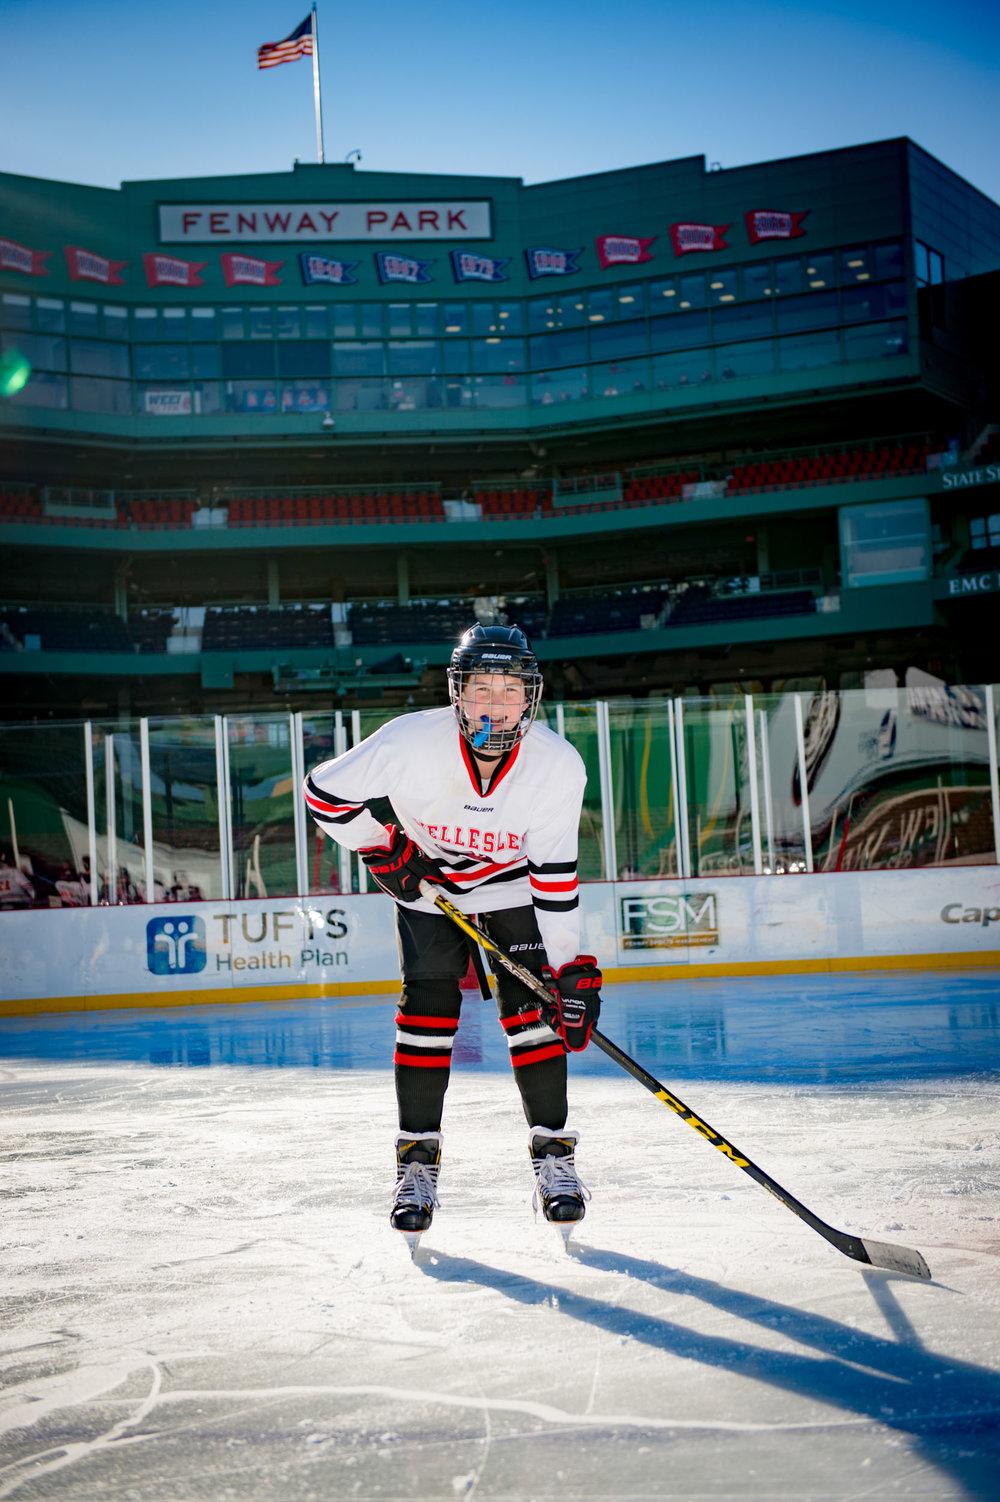 Sports 09FroFen17 026-2.jpg